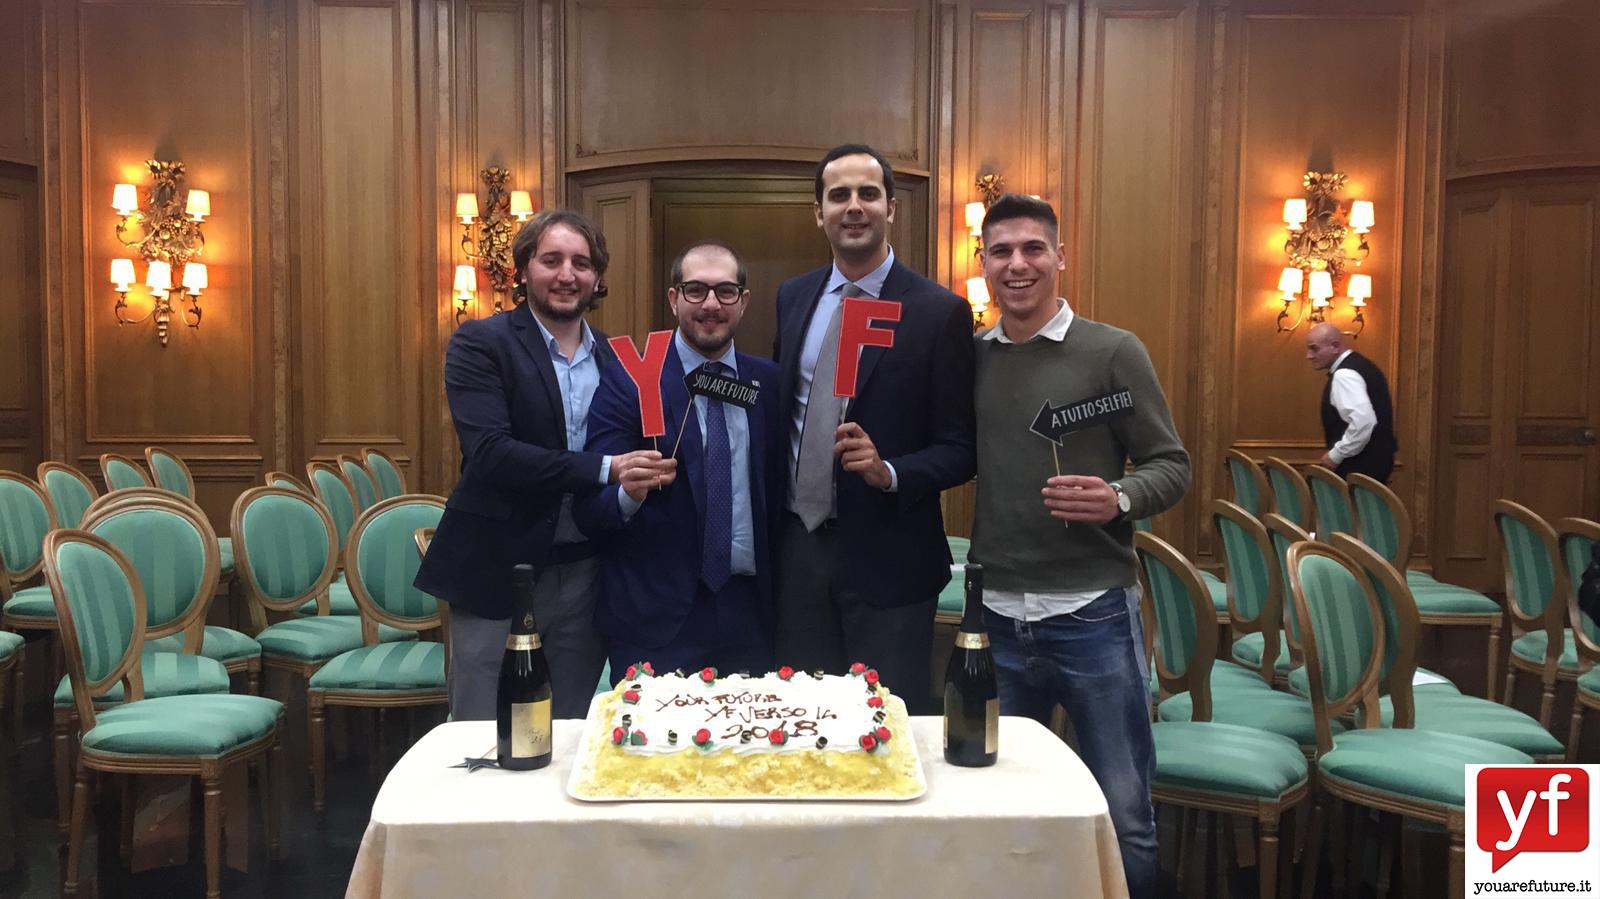 Simone Massaro, Jacopo Colella , Alessandro Cinque e Lorenzo Castaldi.